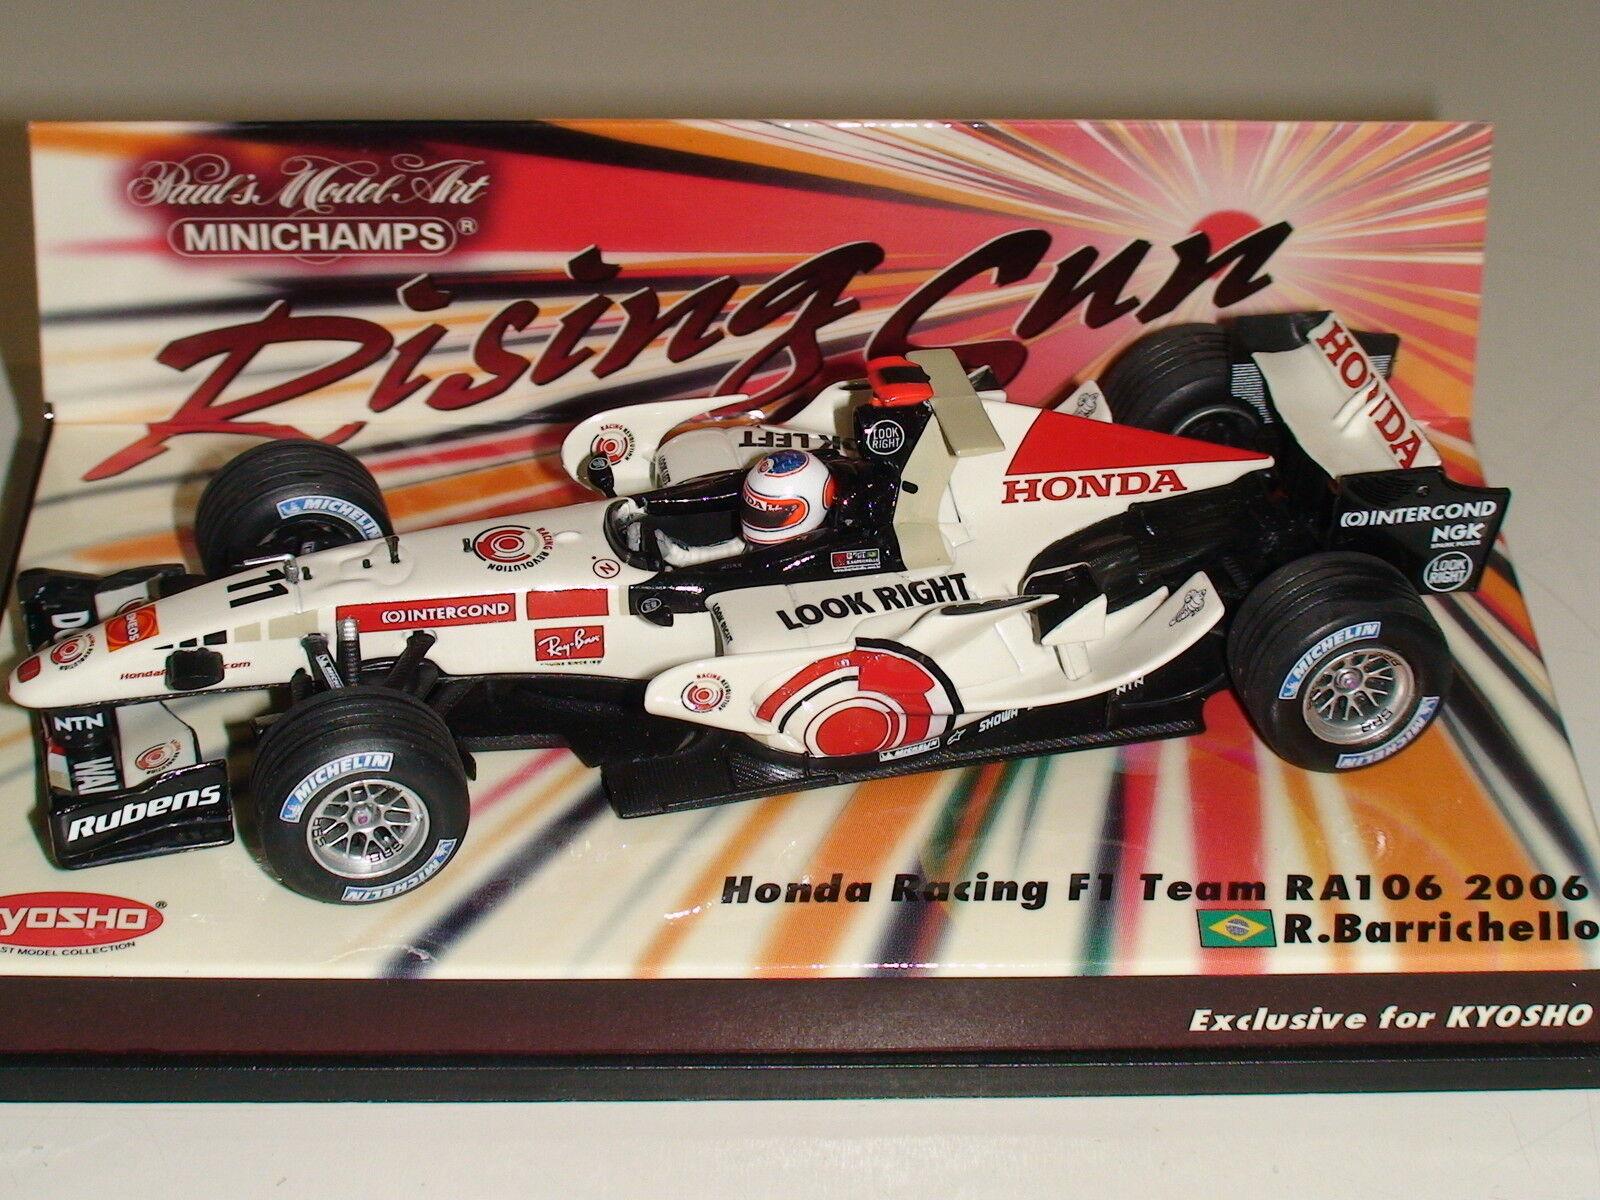 1 43 R. Barrichello  HONDA RA106  Kyosho sponsor Ed. MINICHAMPS  403 060211